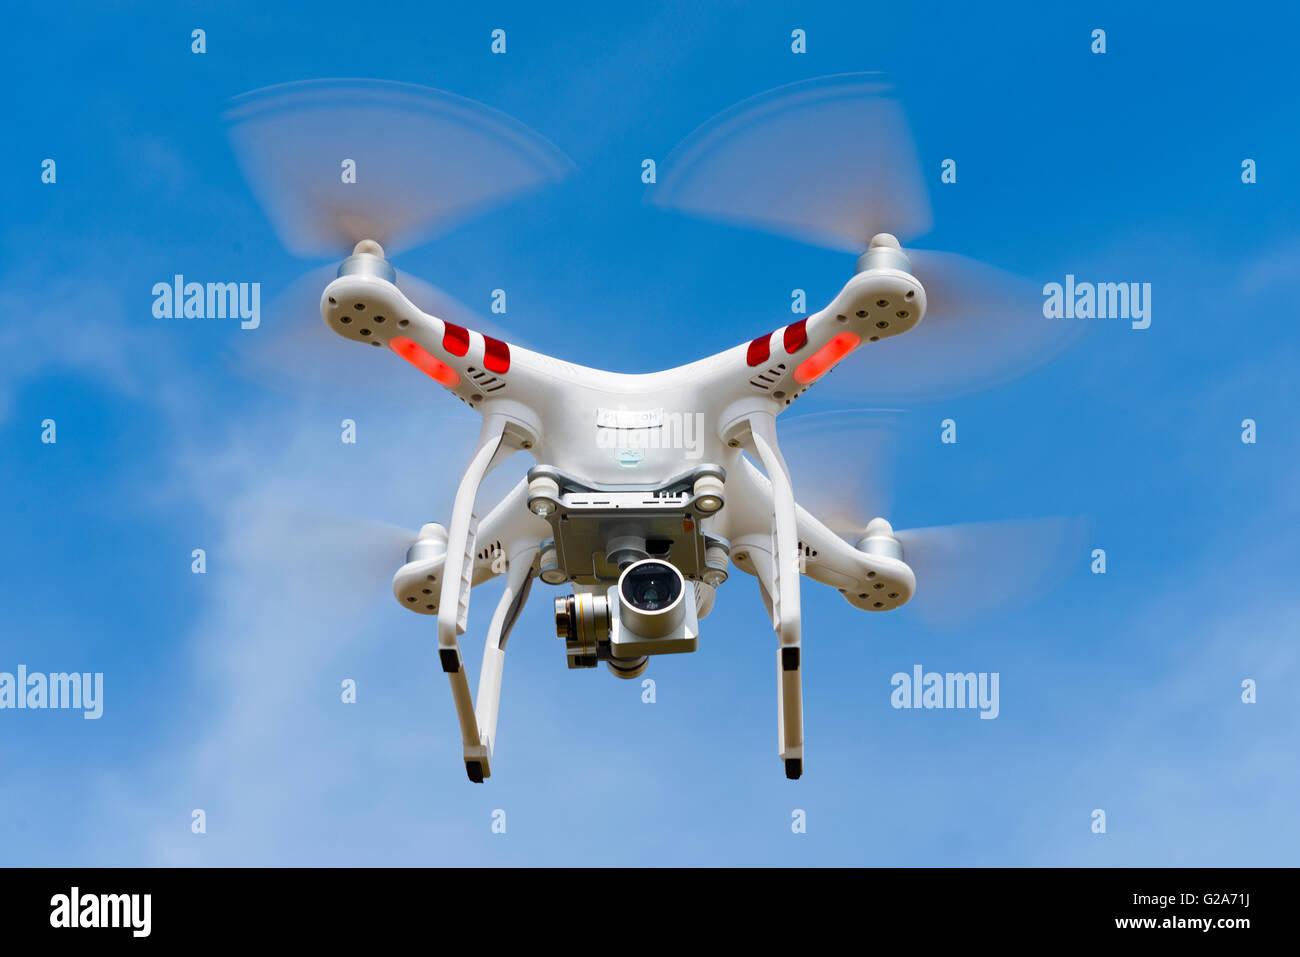 drone a monter soi meme